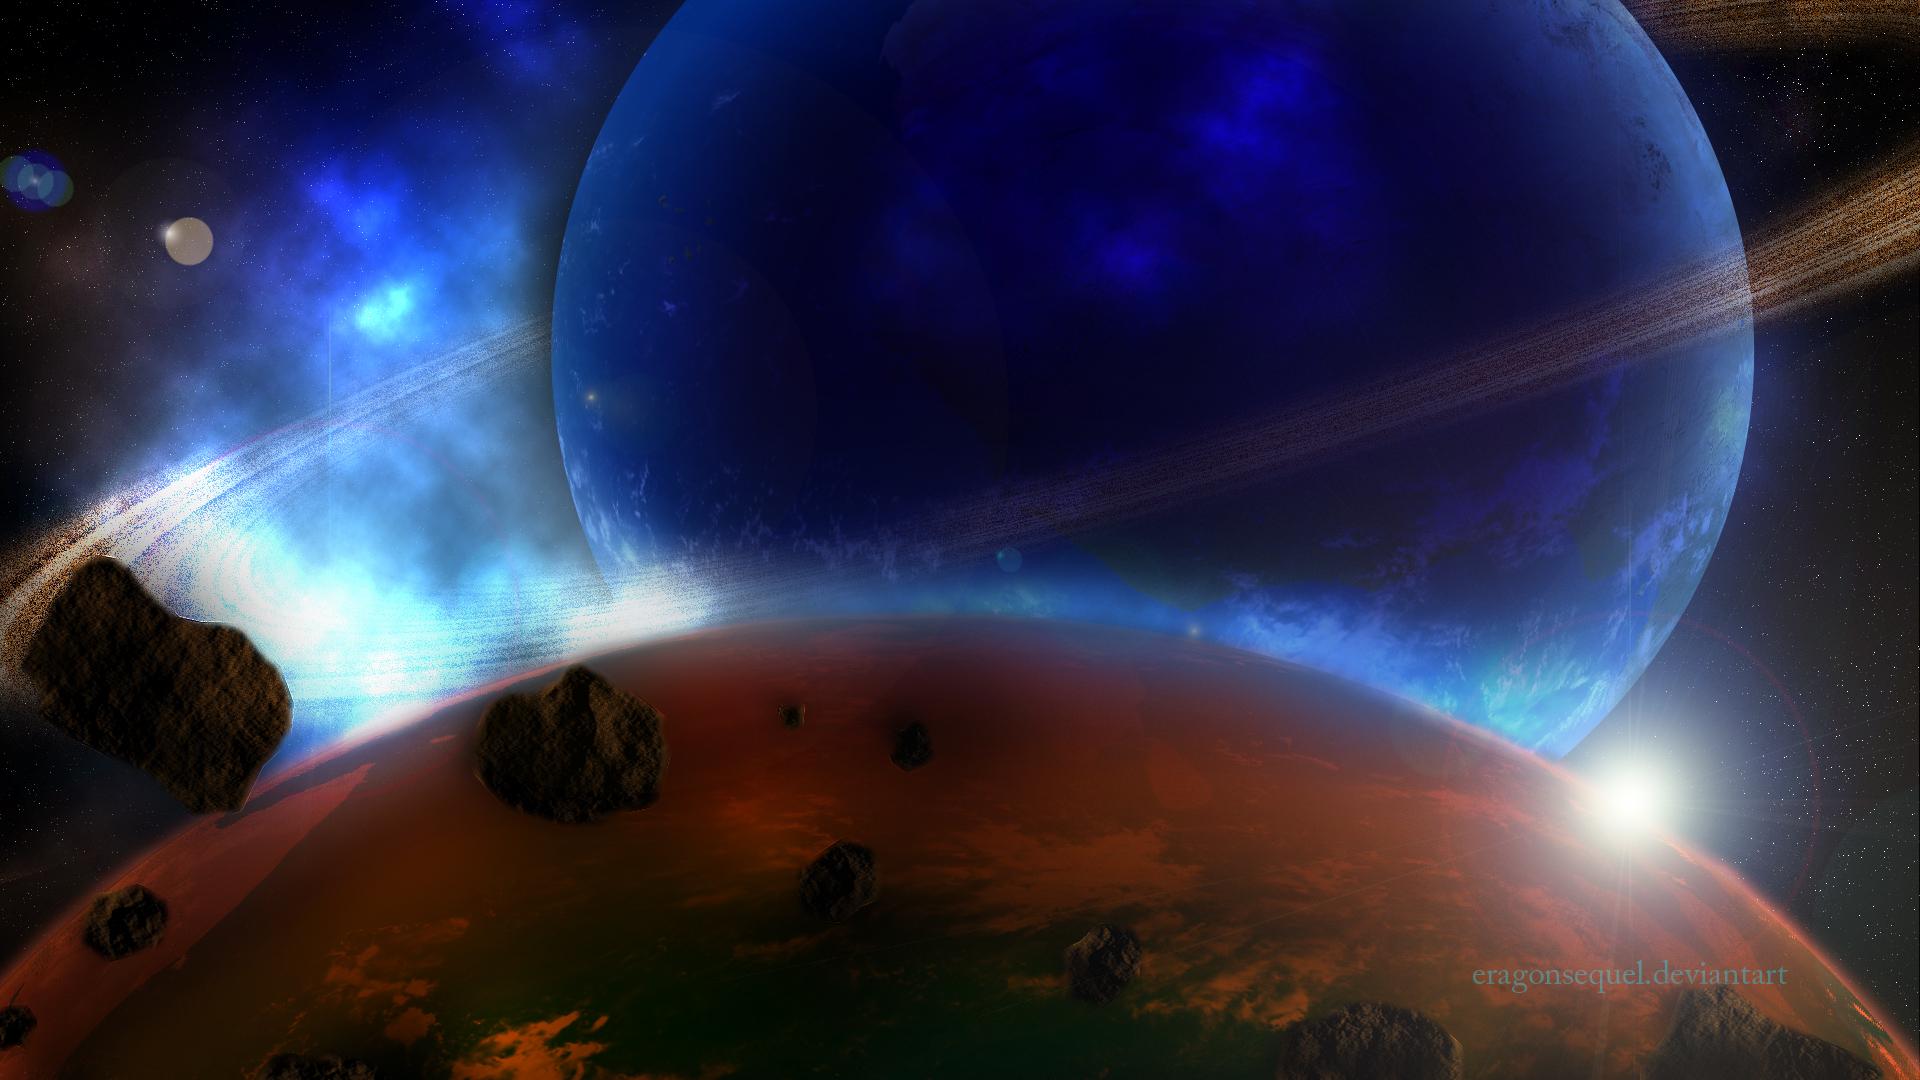 Beauty of universe by Bluenight01